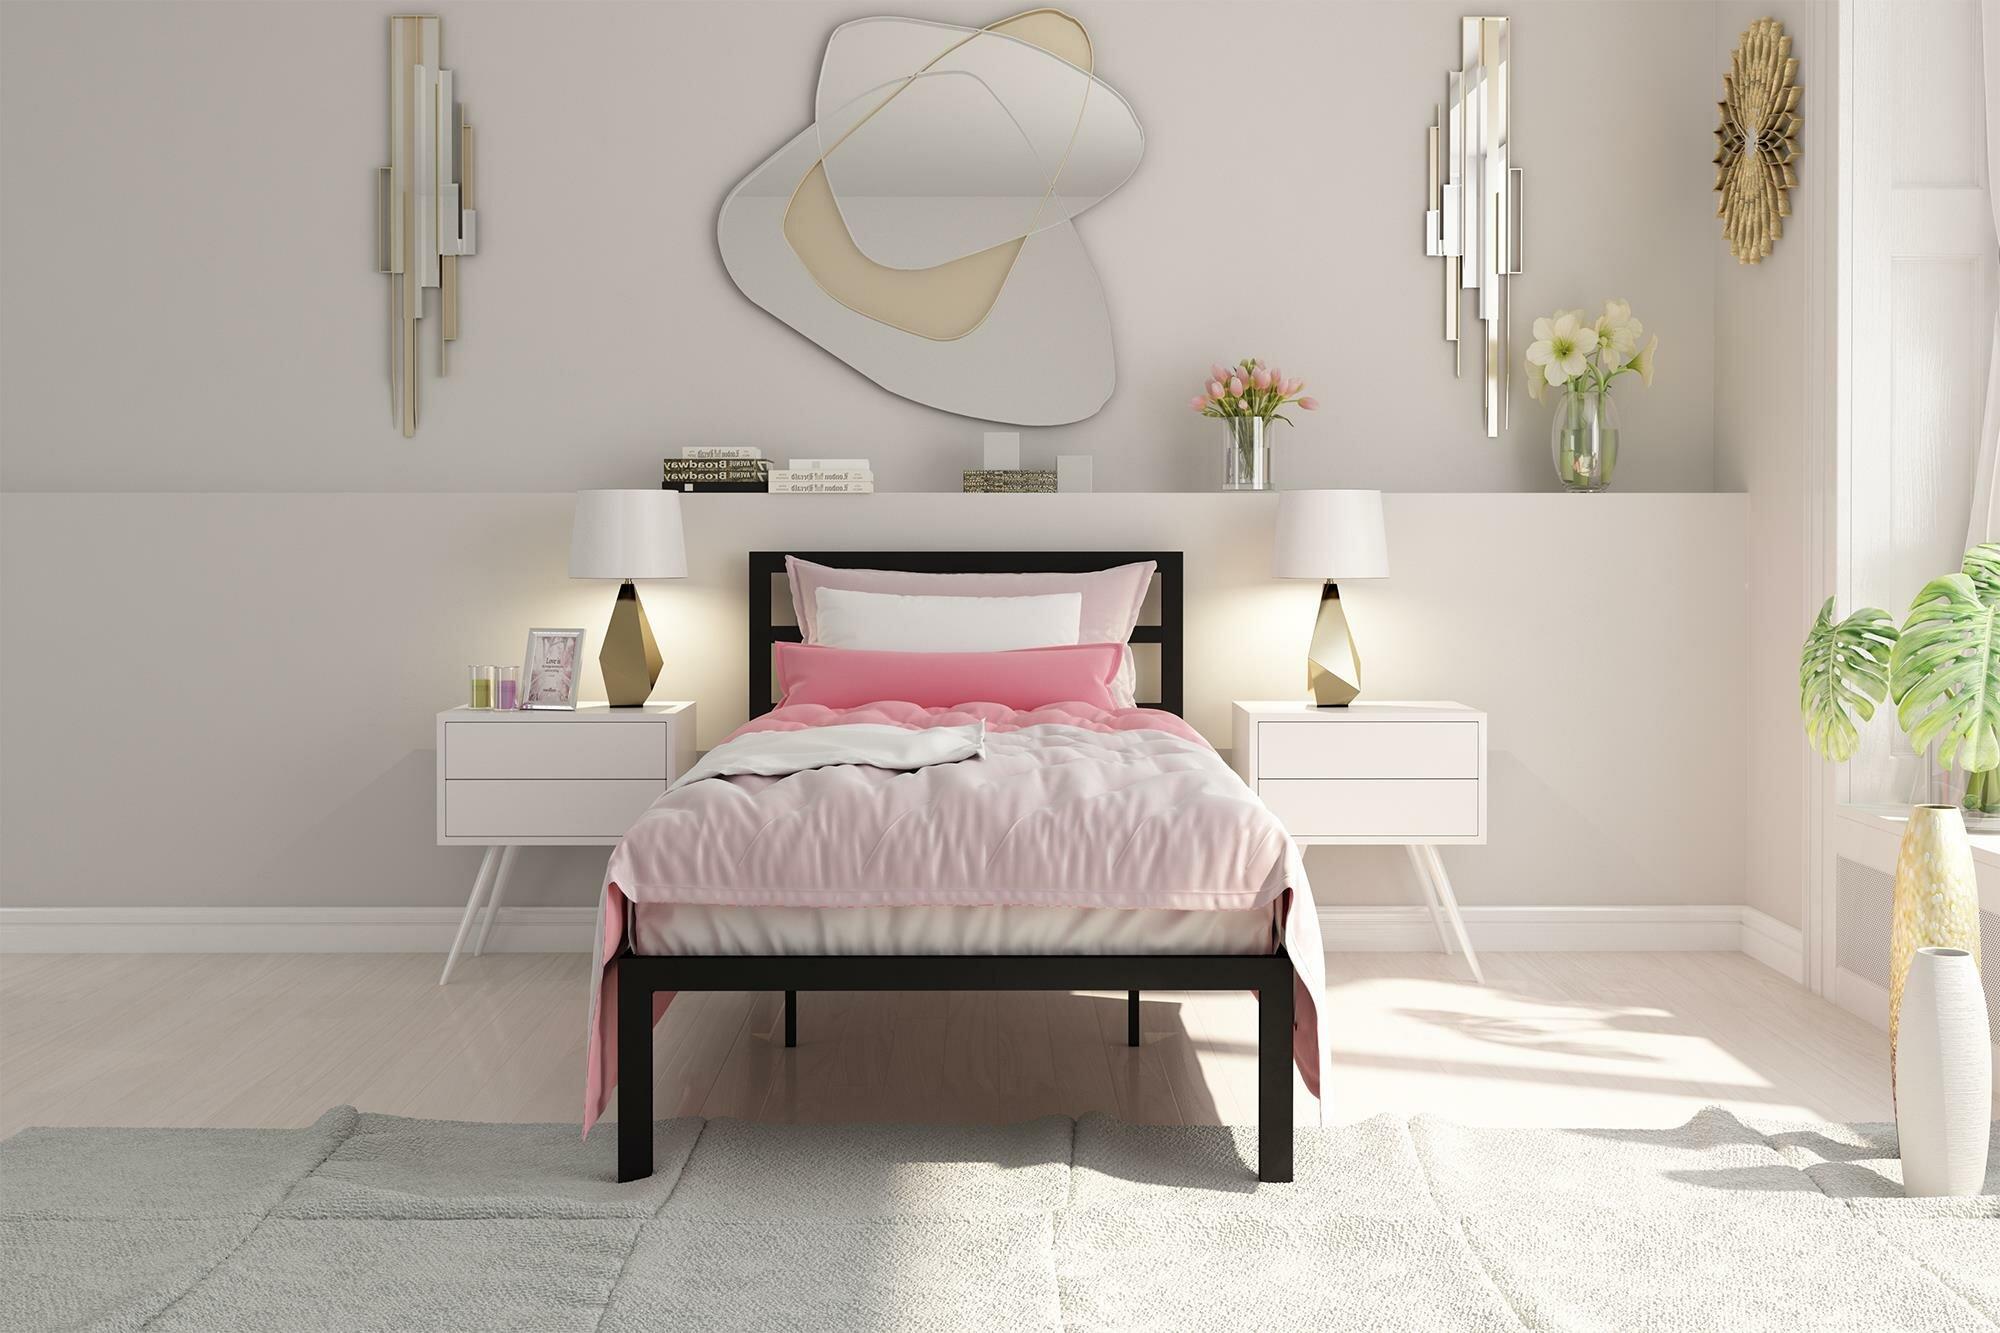 Ebern Designs | Wayfair on